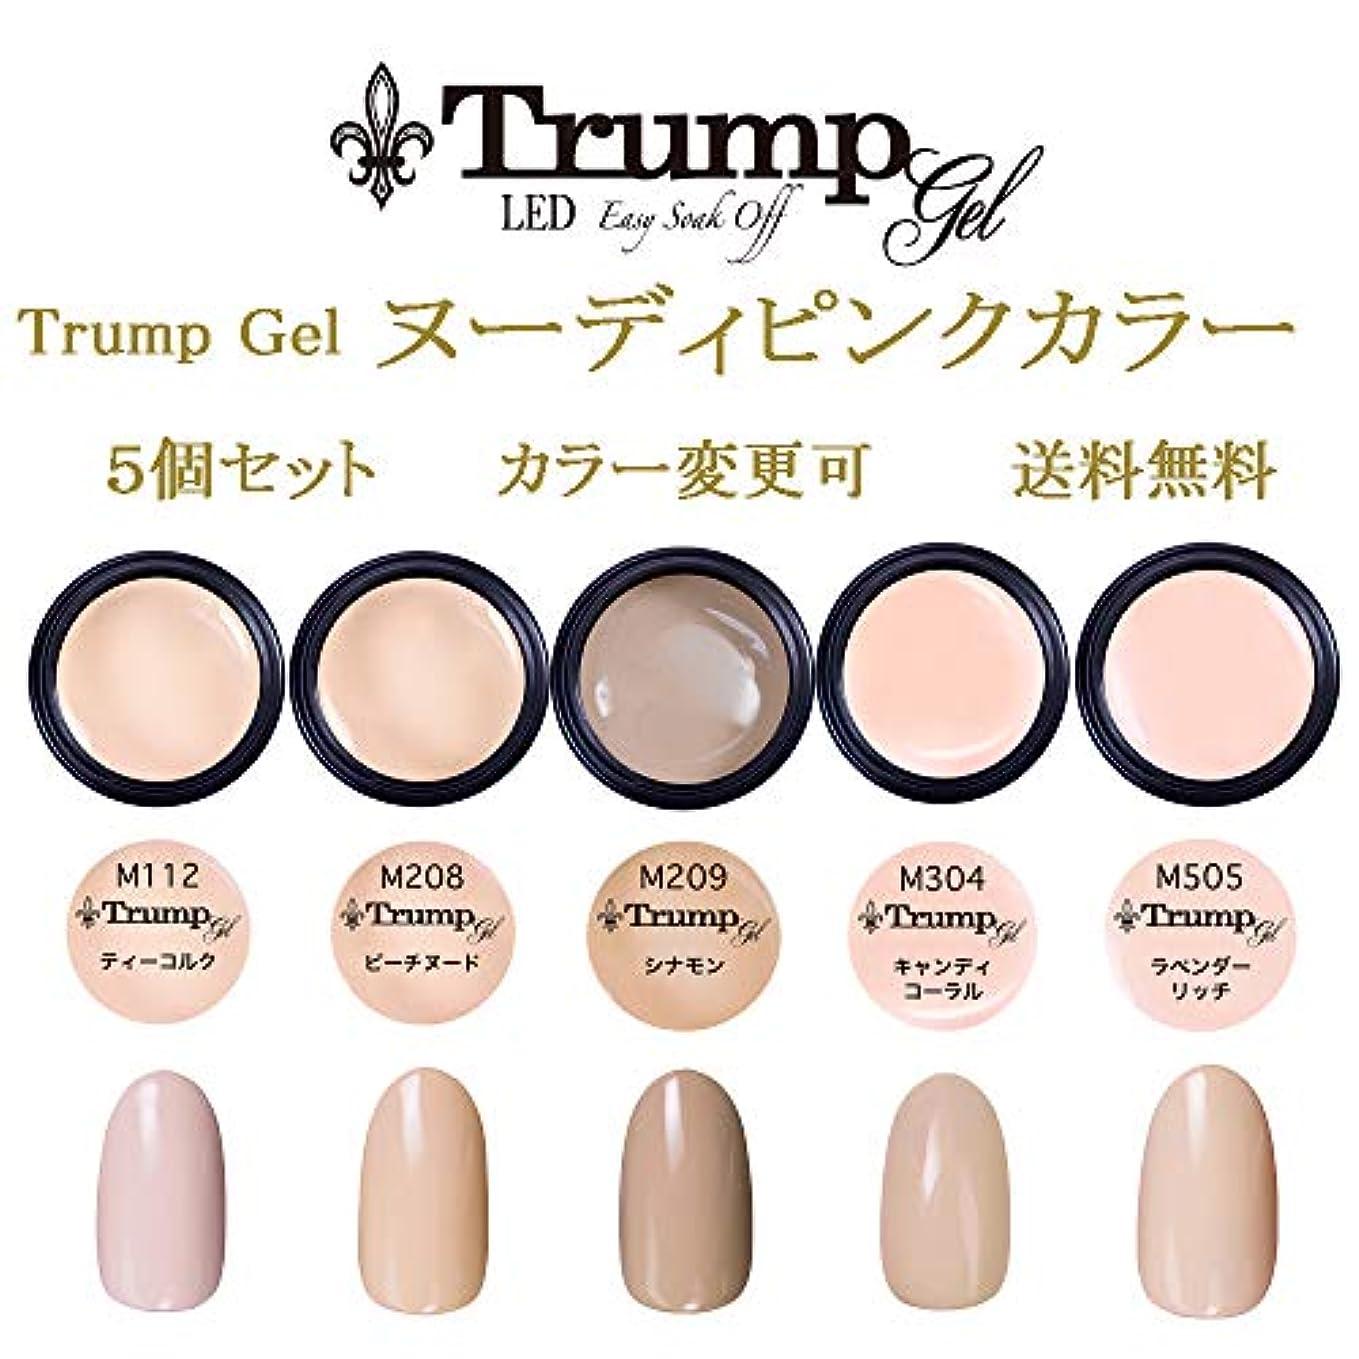 糞学生宿命日本製 Trump gel トランプジェル ヌーディピンク 選べる カラージェル 5個セット ピンク ベージュ ヌーディカラー